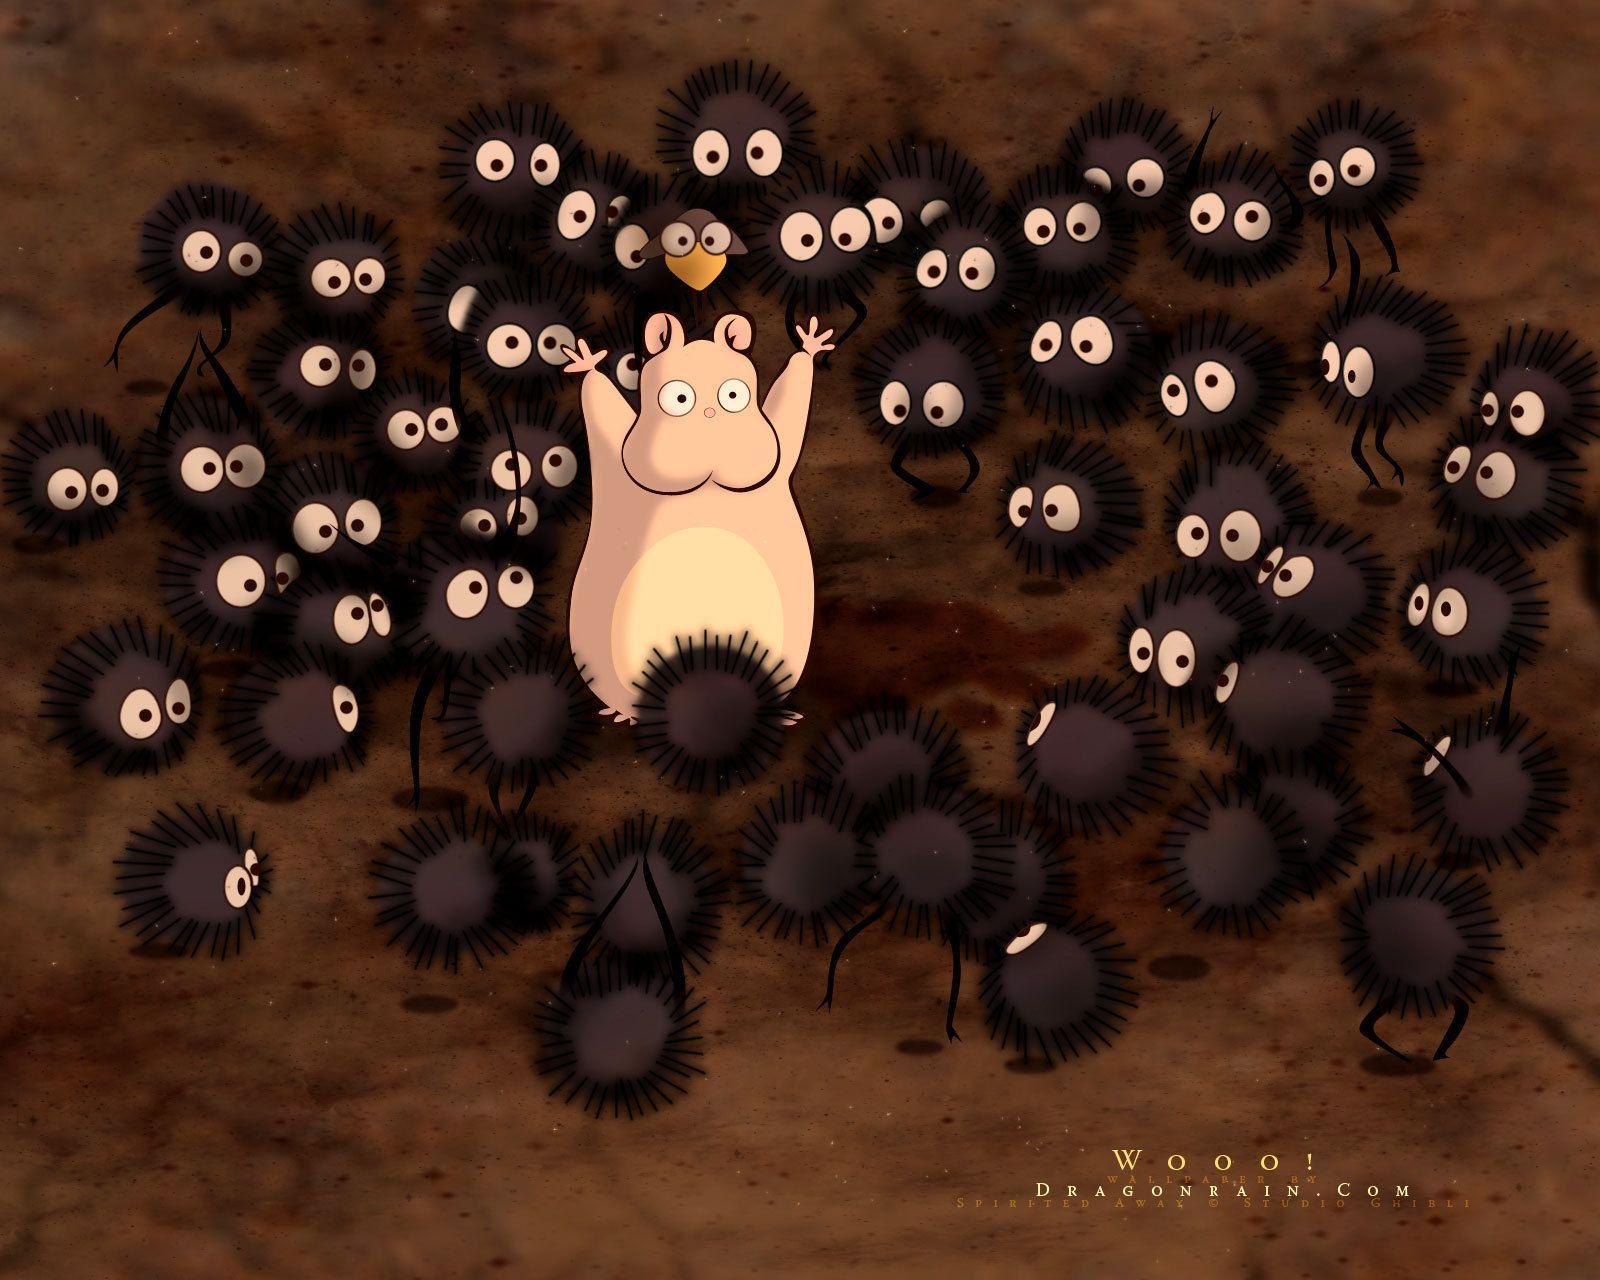 Bilder Chihiros Reise Ins Zauberland Away Spirited Hamster Ghibli Hayao Miyazaki 1600x1280 Hin Chihiros Reise Ins Zauberland Studio Ghibli Filme Miyazaki